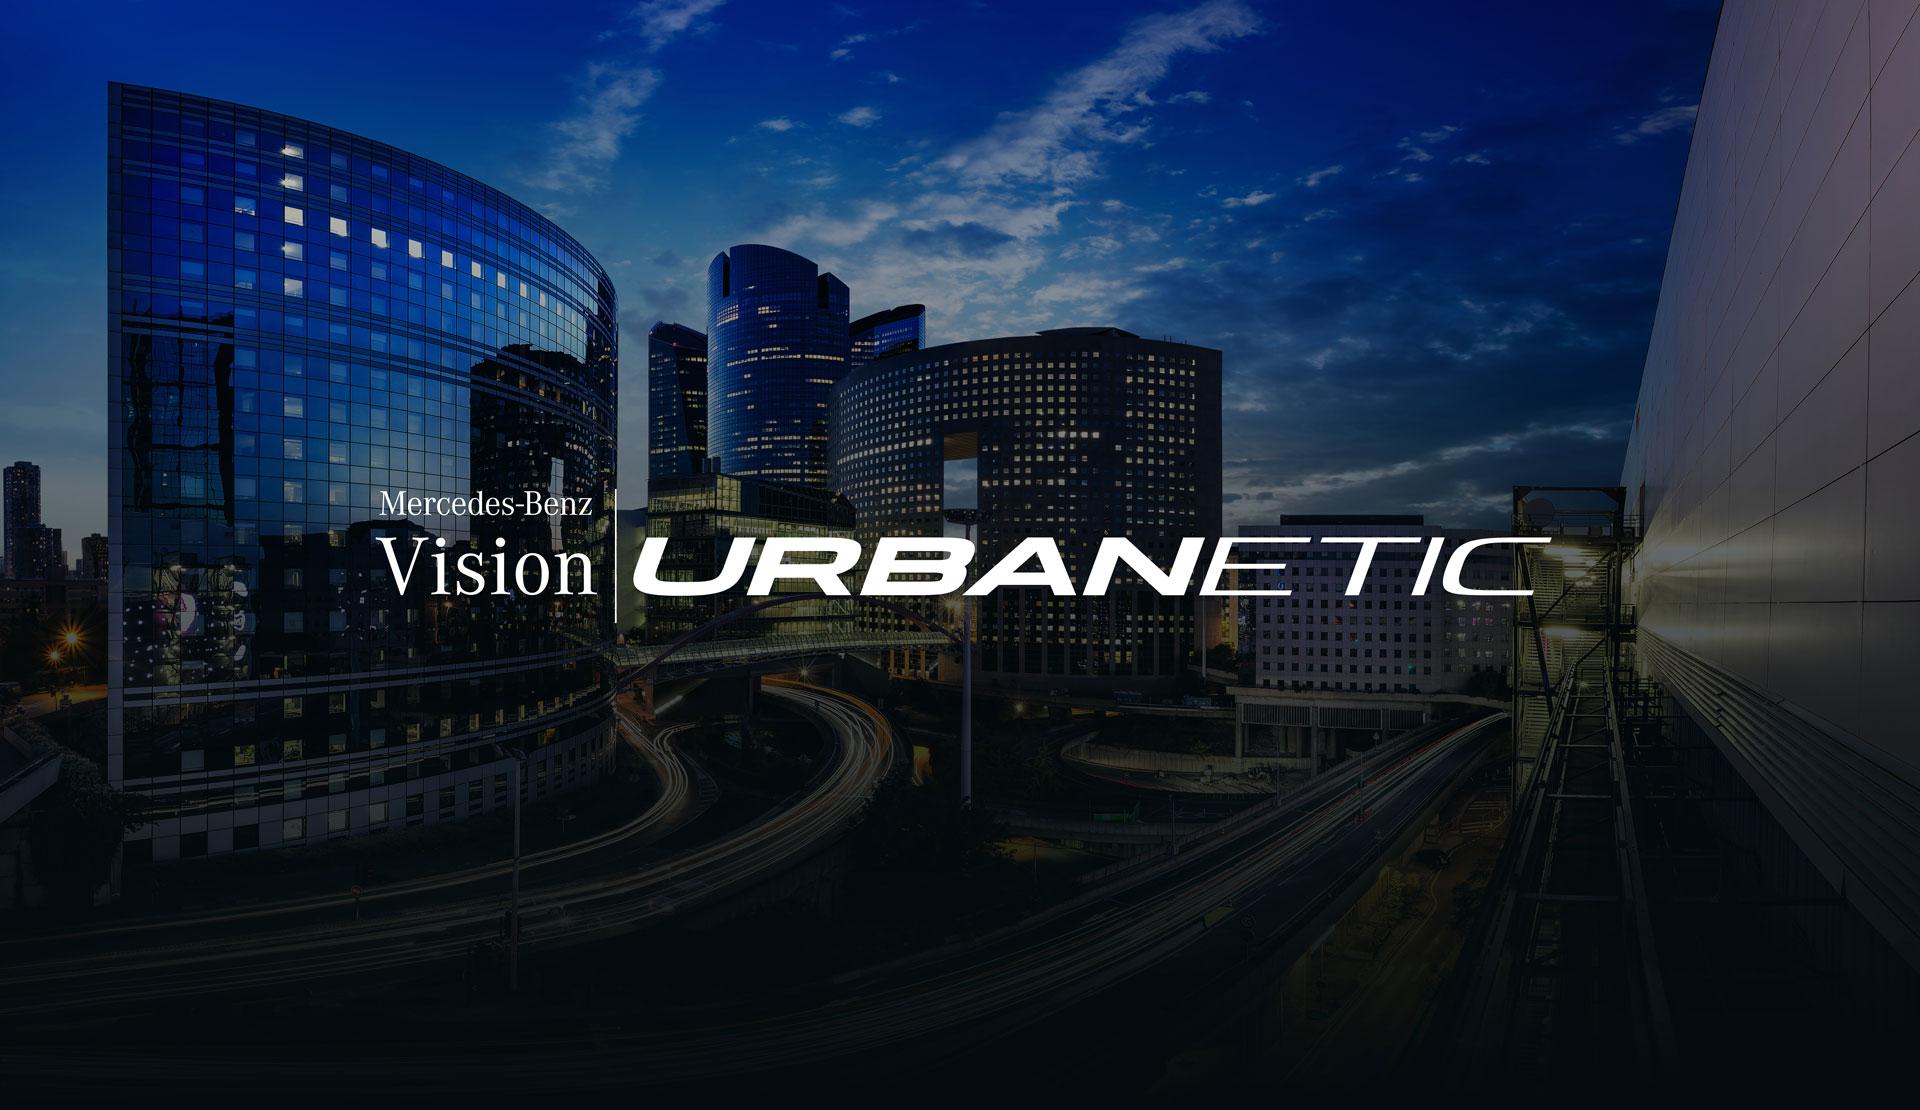 Scenari. Vision Urbanetic, la mobilità secondo Daimler